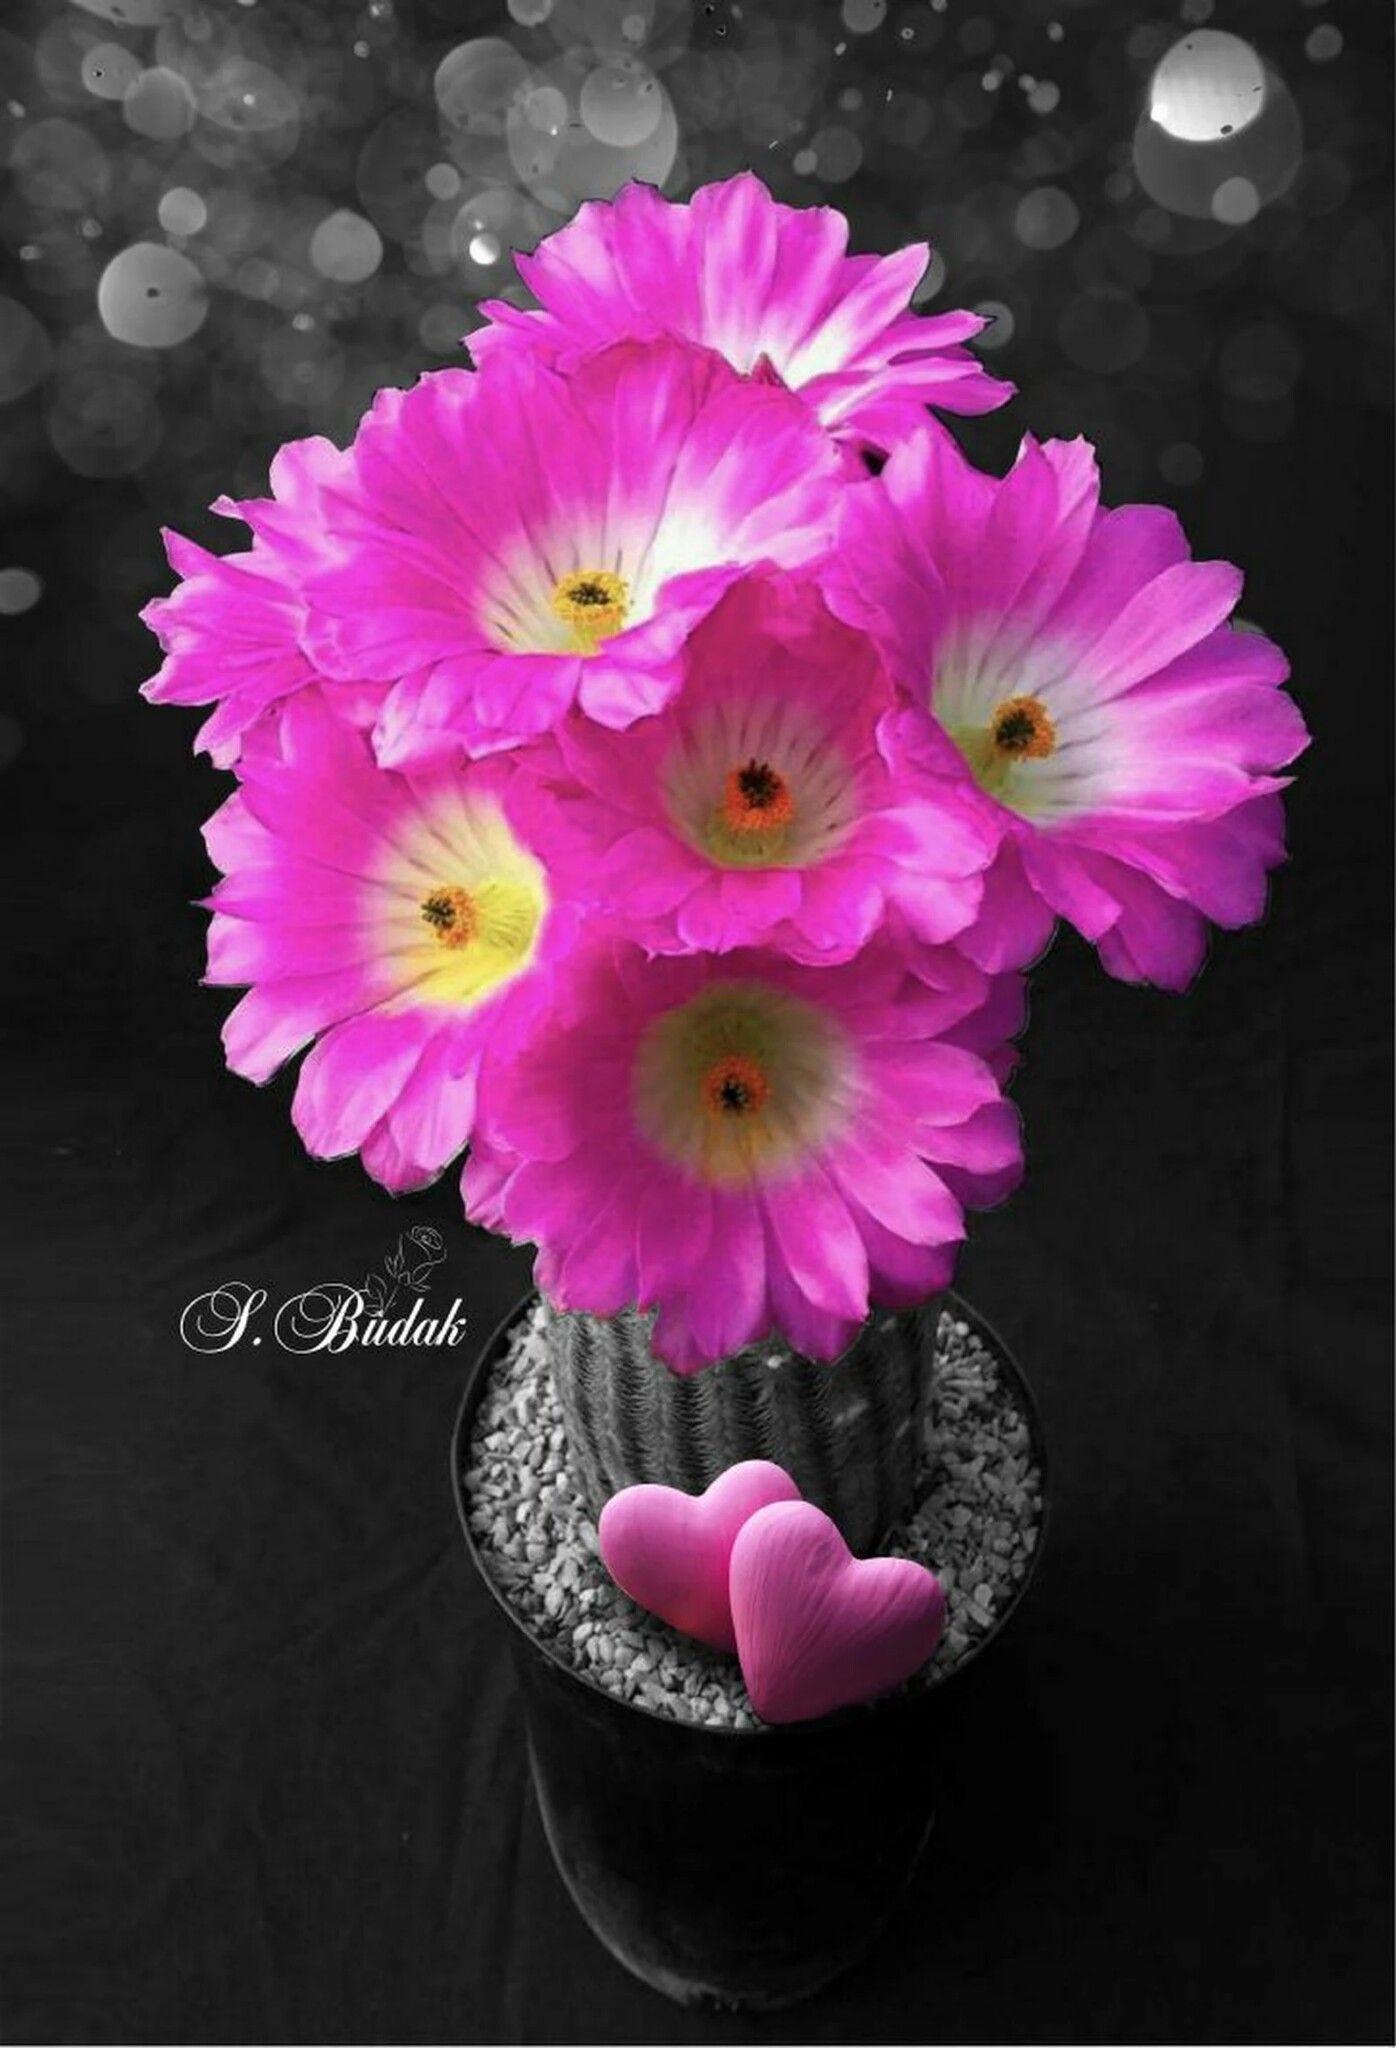 Pin By Tina Tina On Good Morning Color Splash Beautiful Flowers